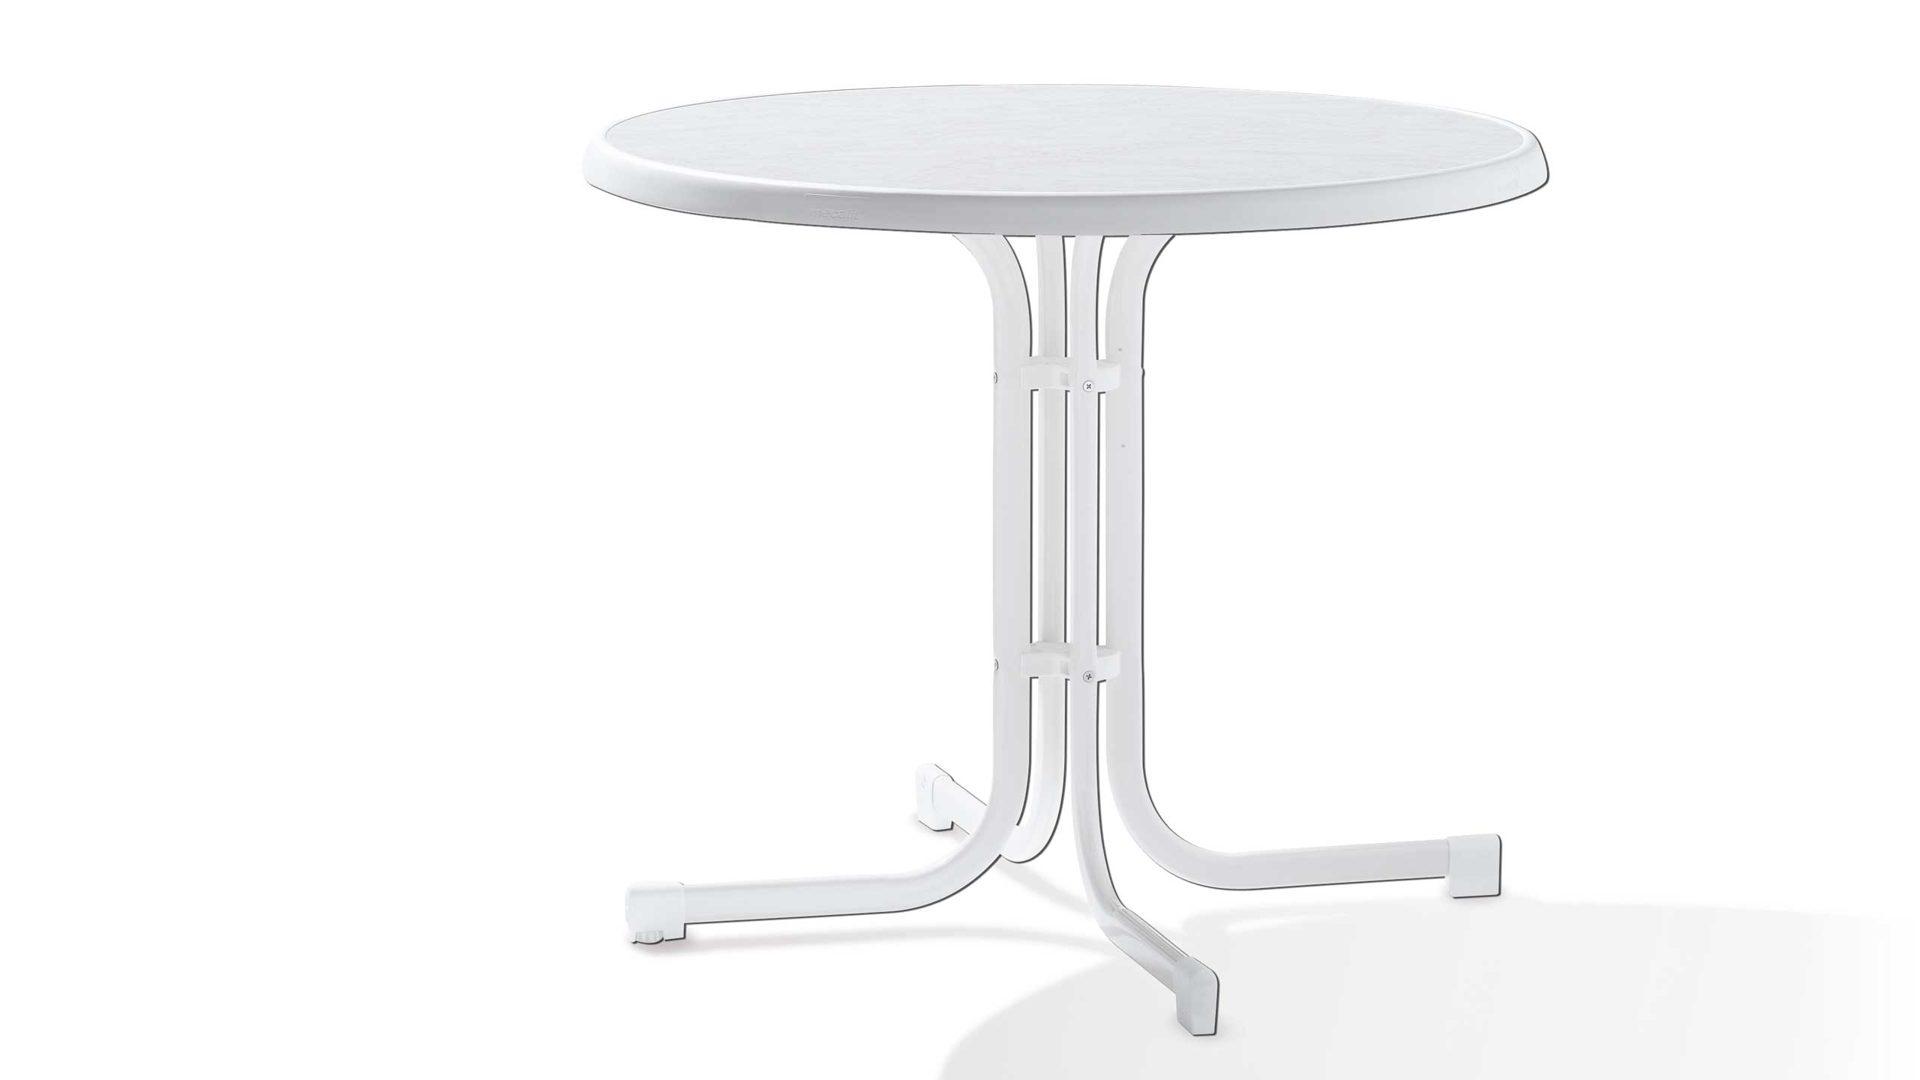 Gartentisch Sieger In Weiß Sieger Klapptisch Gartentisch Tischplatte  Mecalit D.: 86 Cm Gestell Stahlrohr